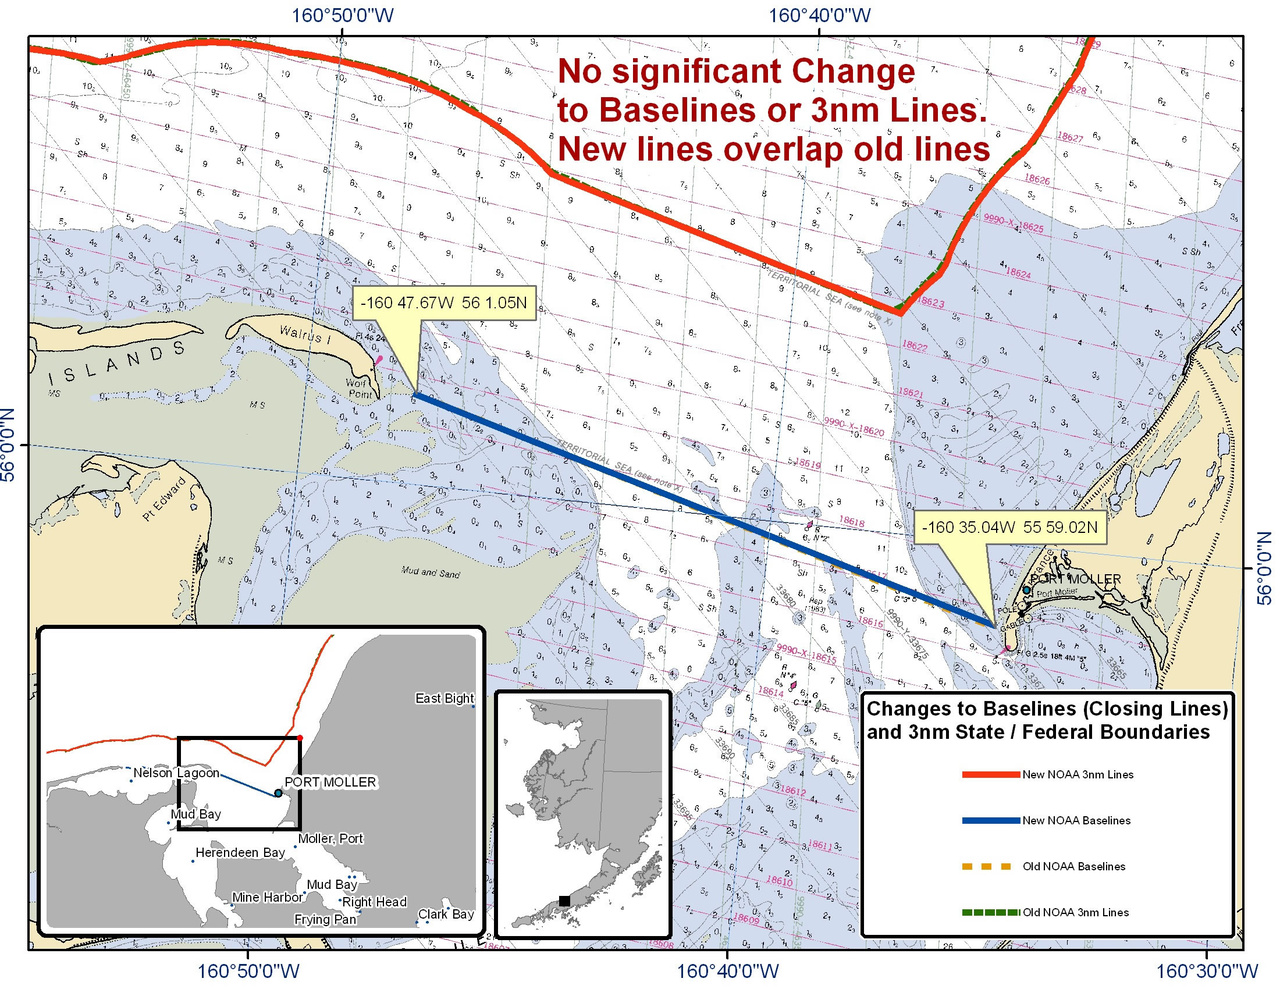 Chart for Port Moller